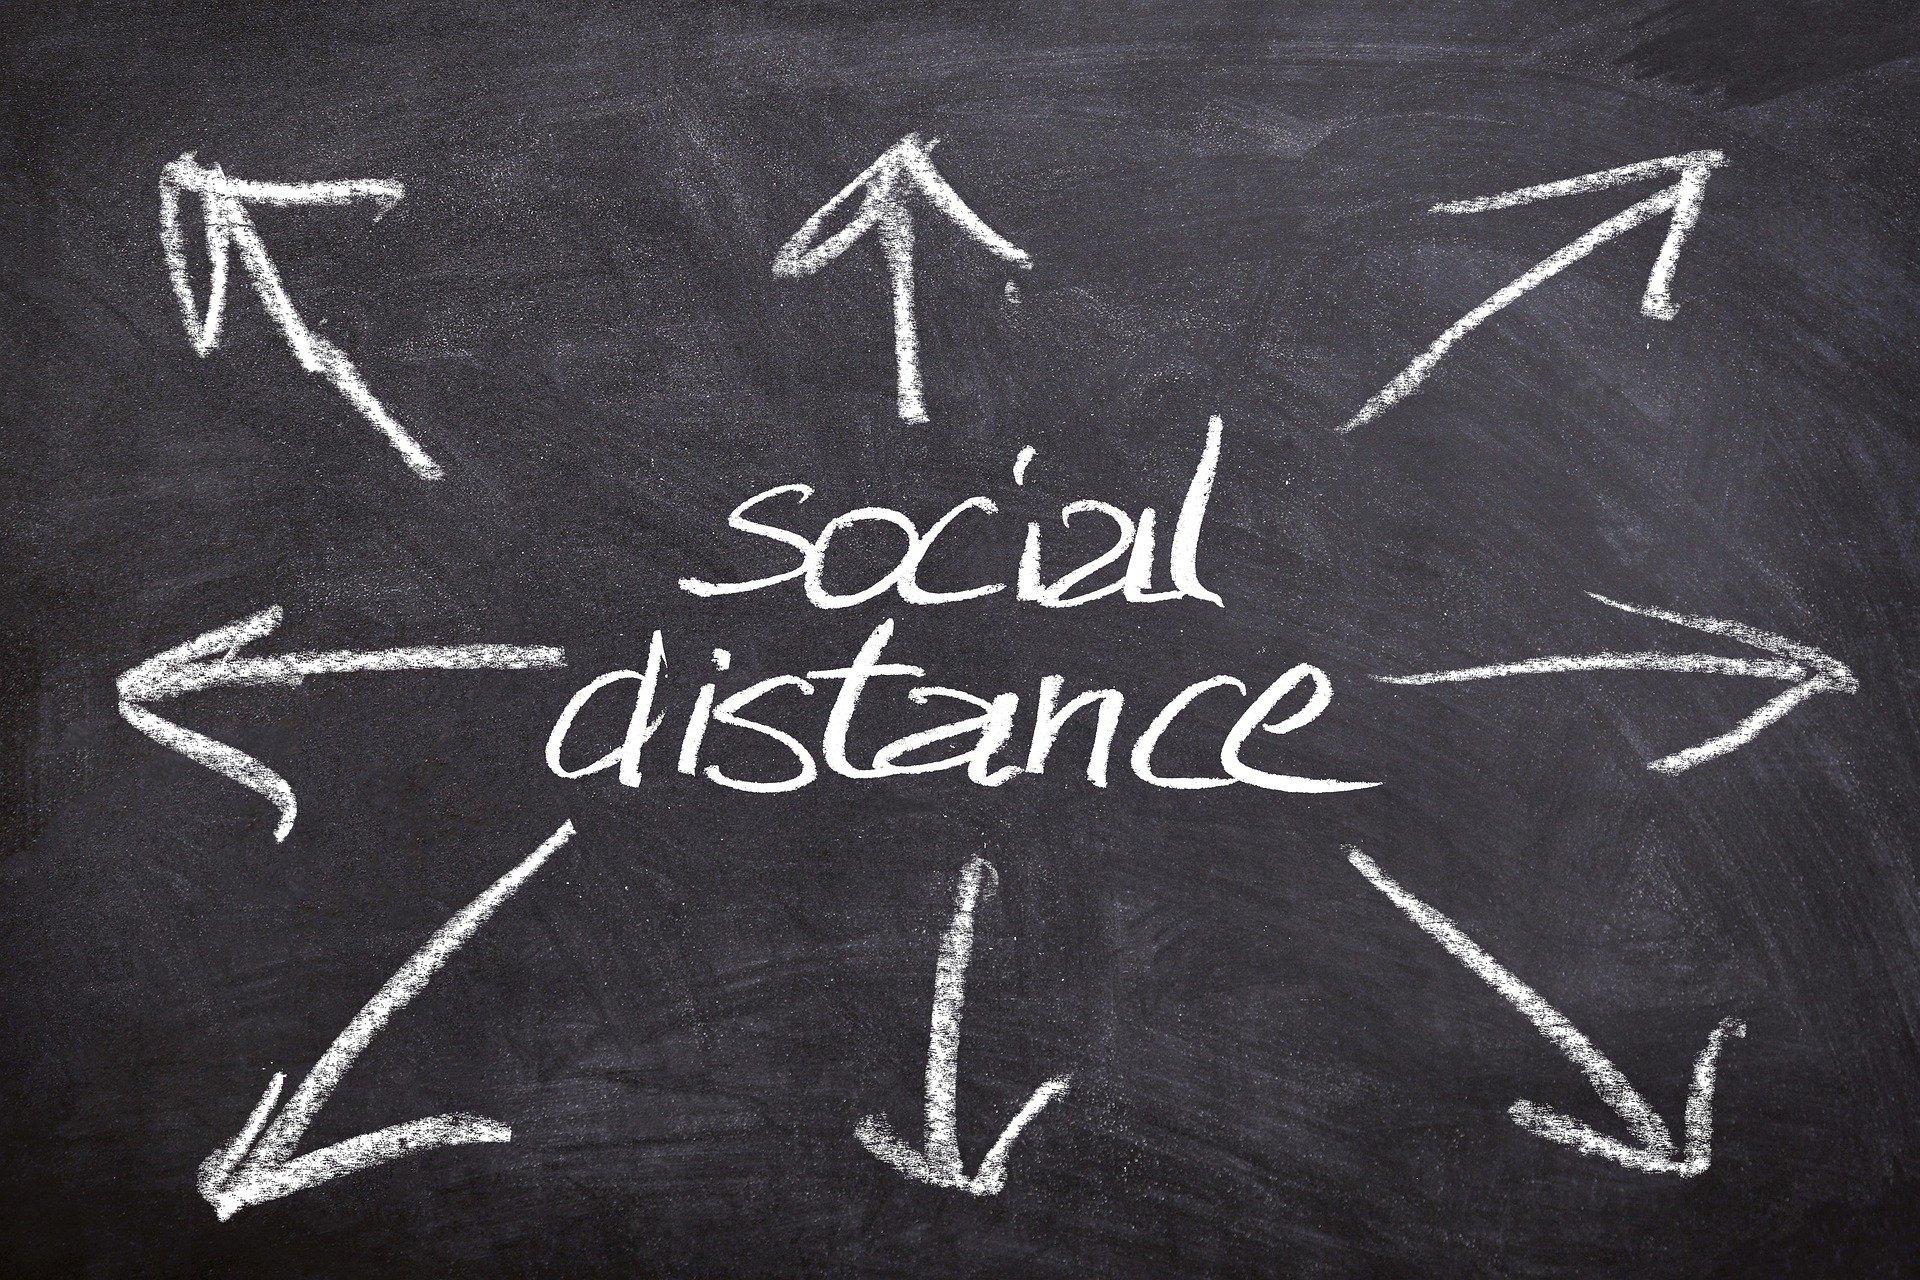 I messaggi positivi sono la chiave per promuovere il distanziamento sociale, i risultati dello studio